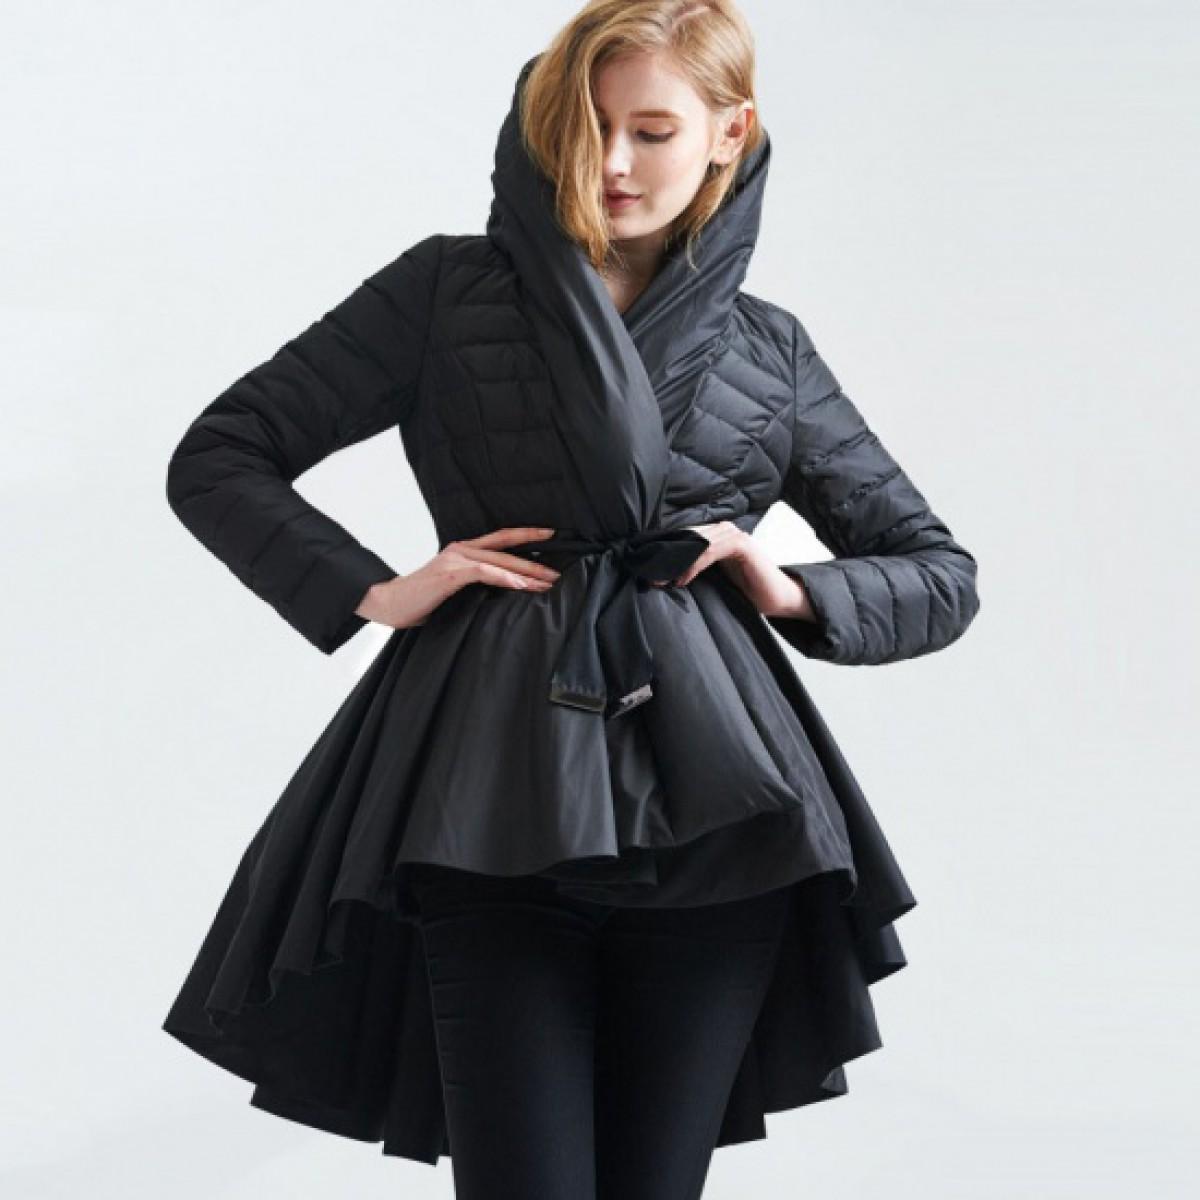 пуховик-платье укороченный спереди асимметричный элегантный черный белый с капюшоном 3DIMENSIONS